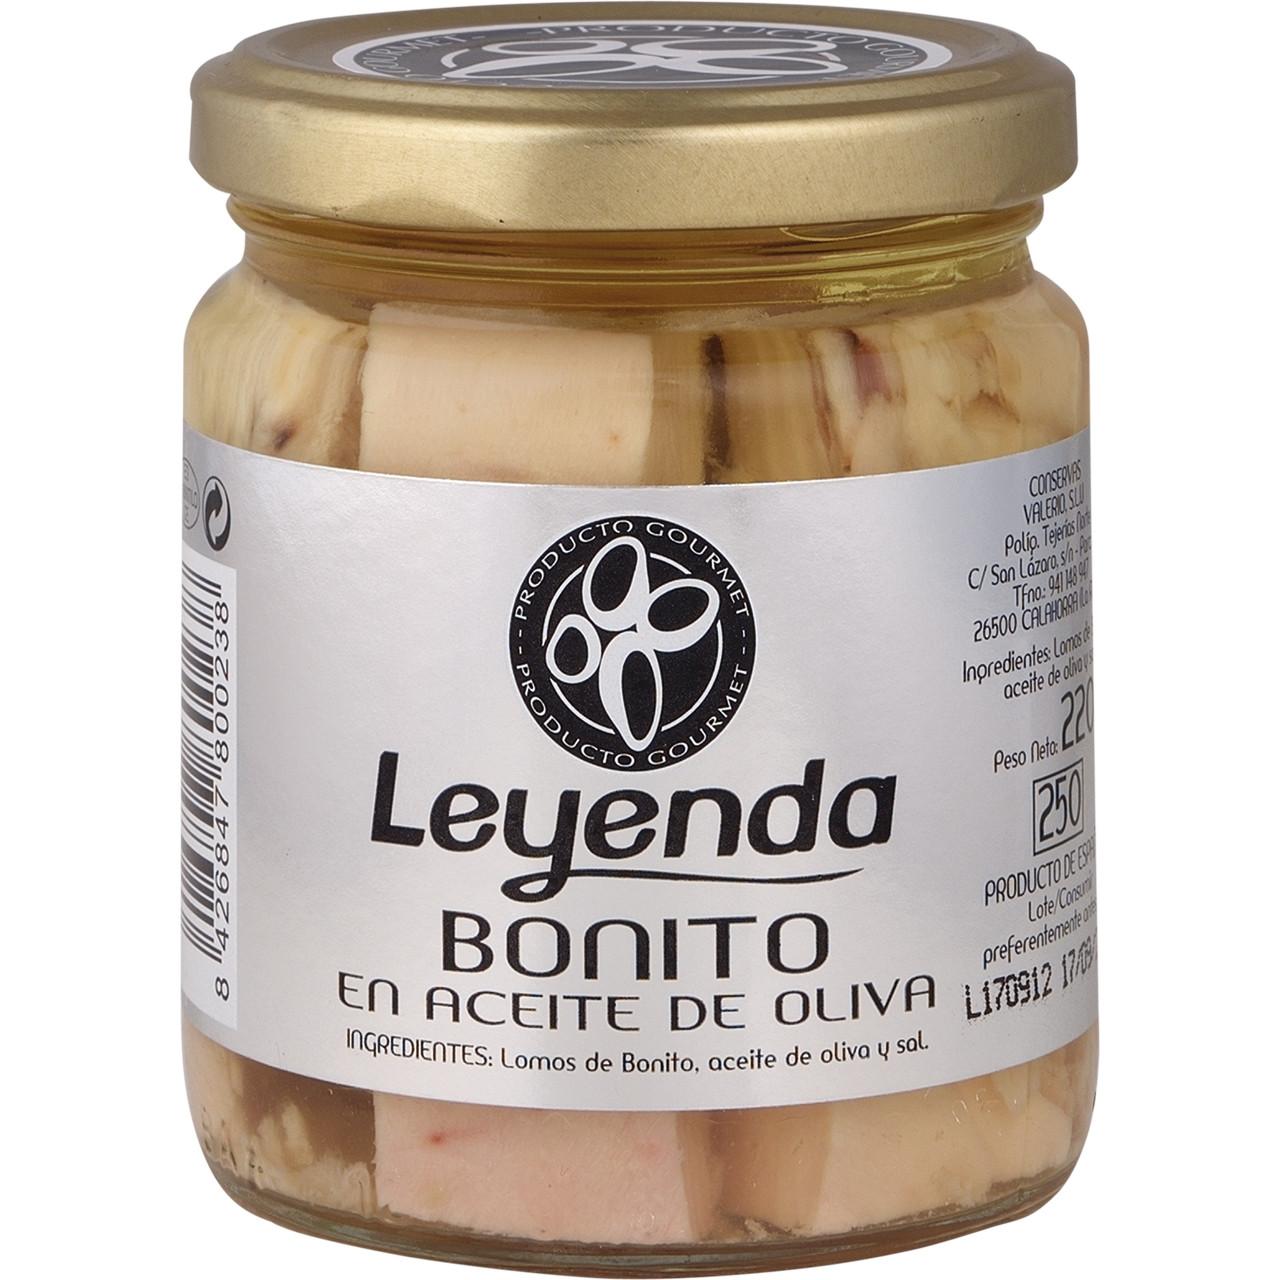 Bonitol en oli d'oliva Leyenda pot vidre